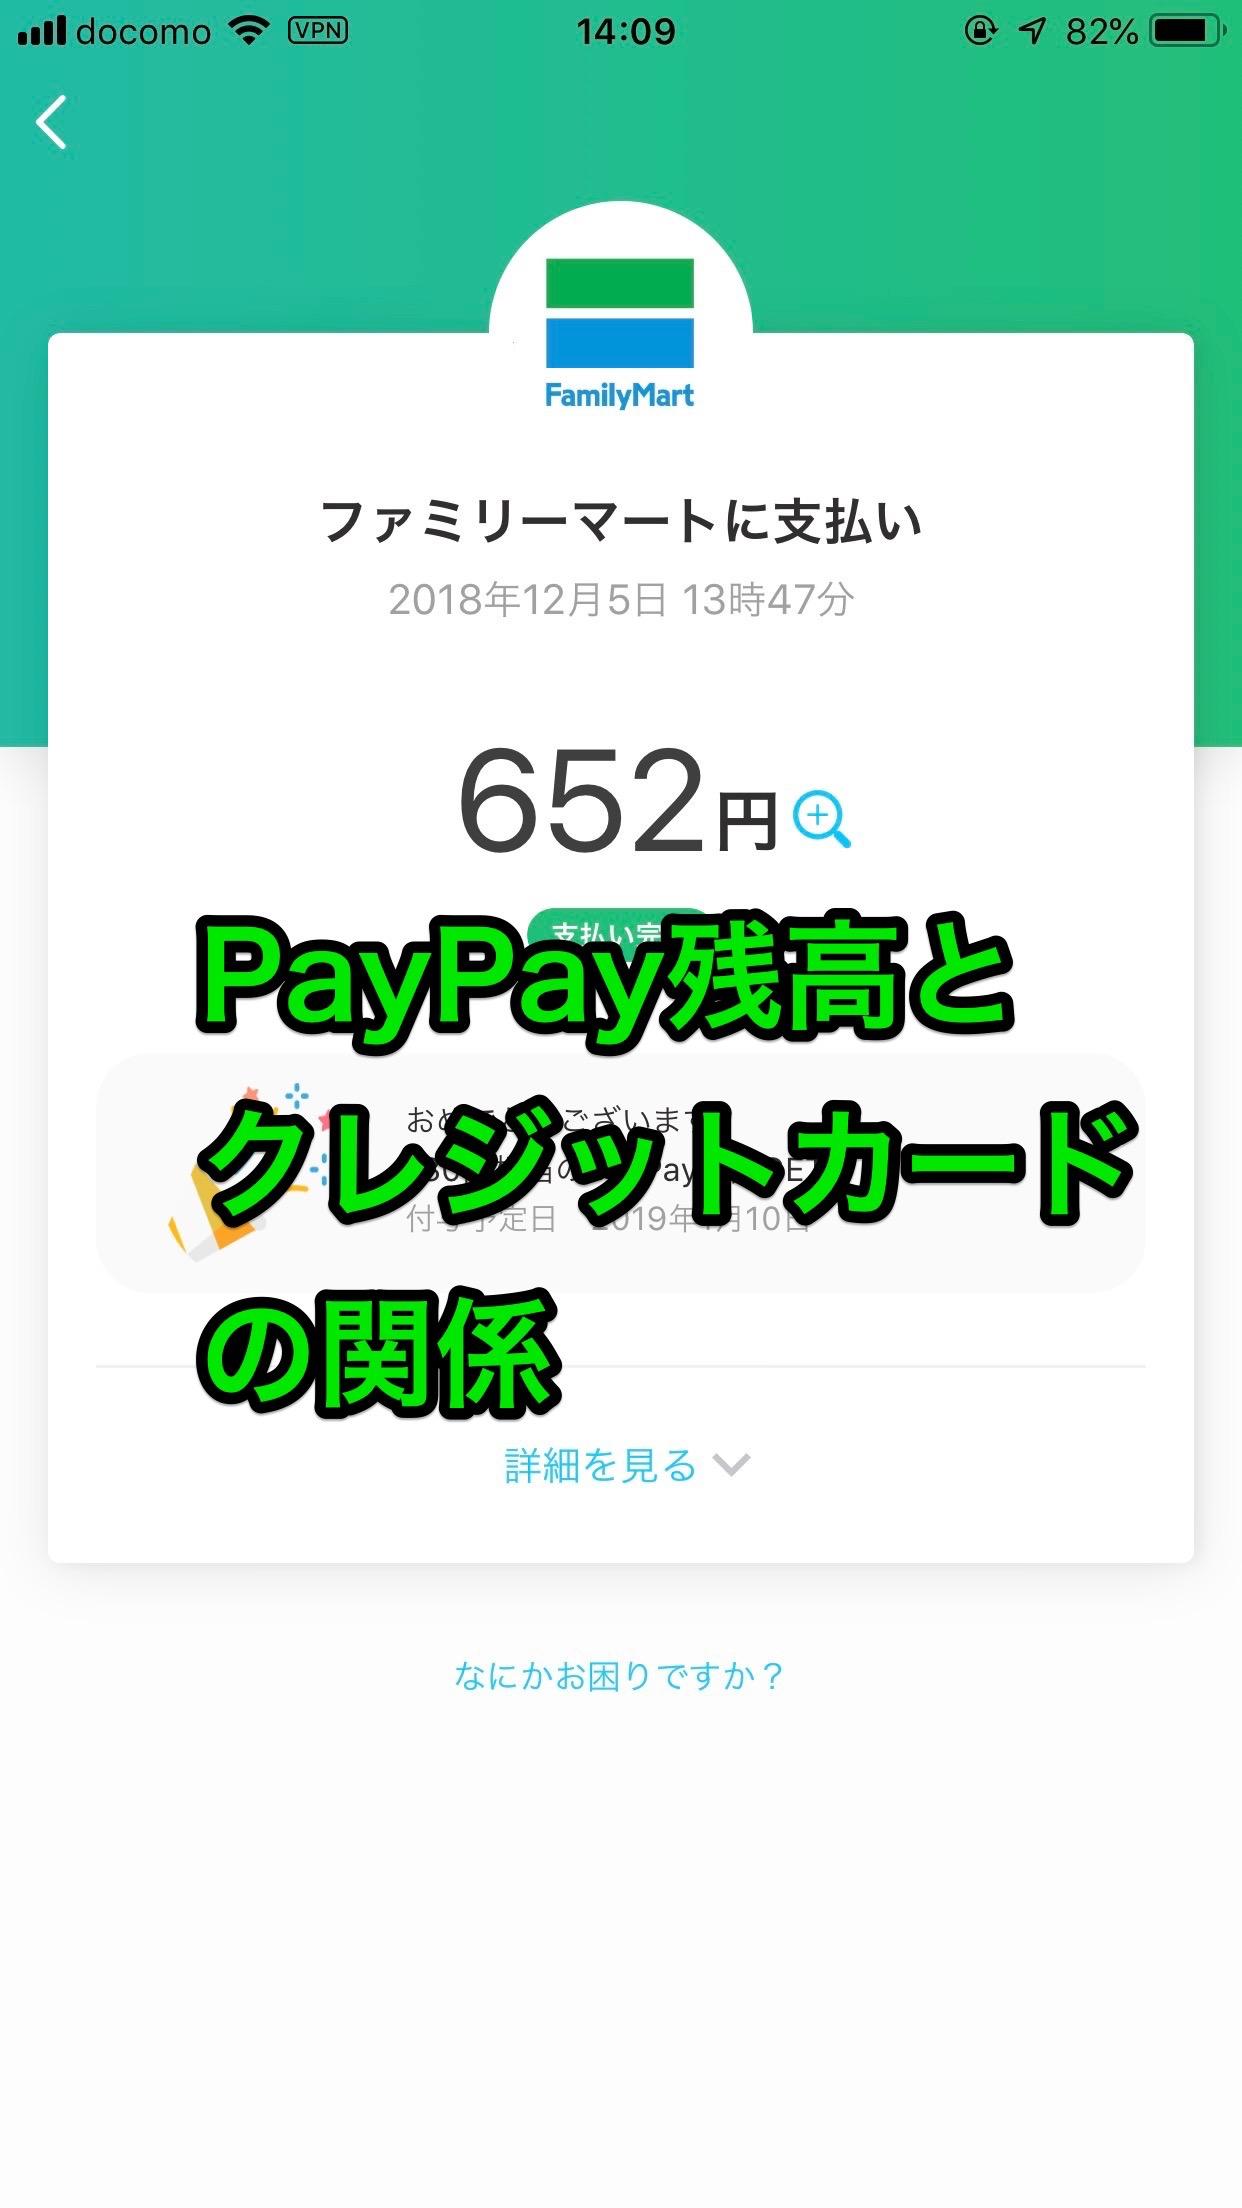 【PayPay】ペイペイ残高とクレジットカードの関係